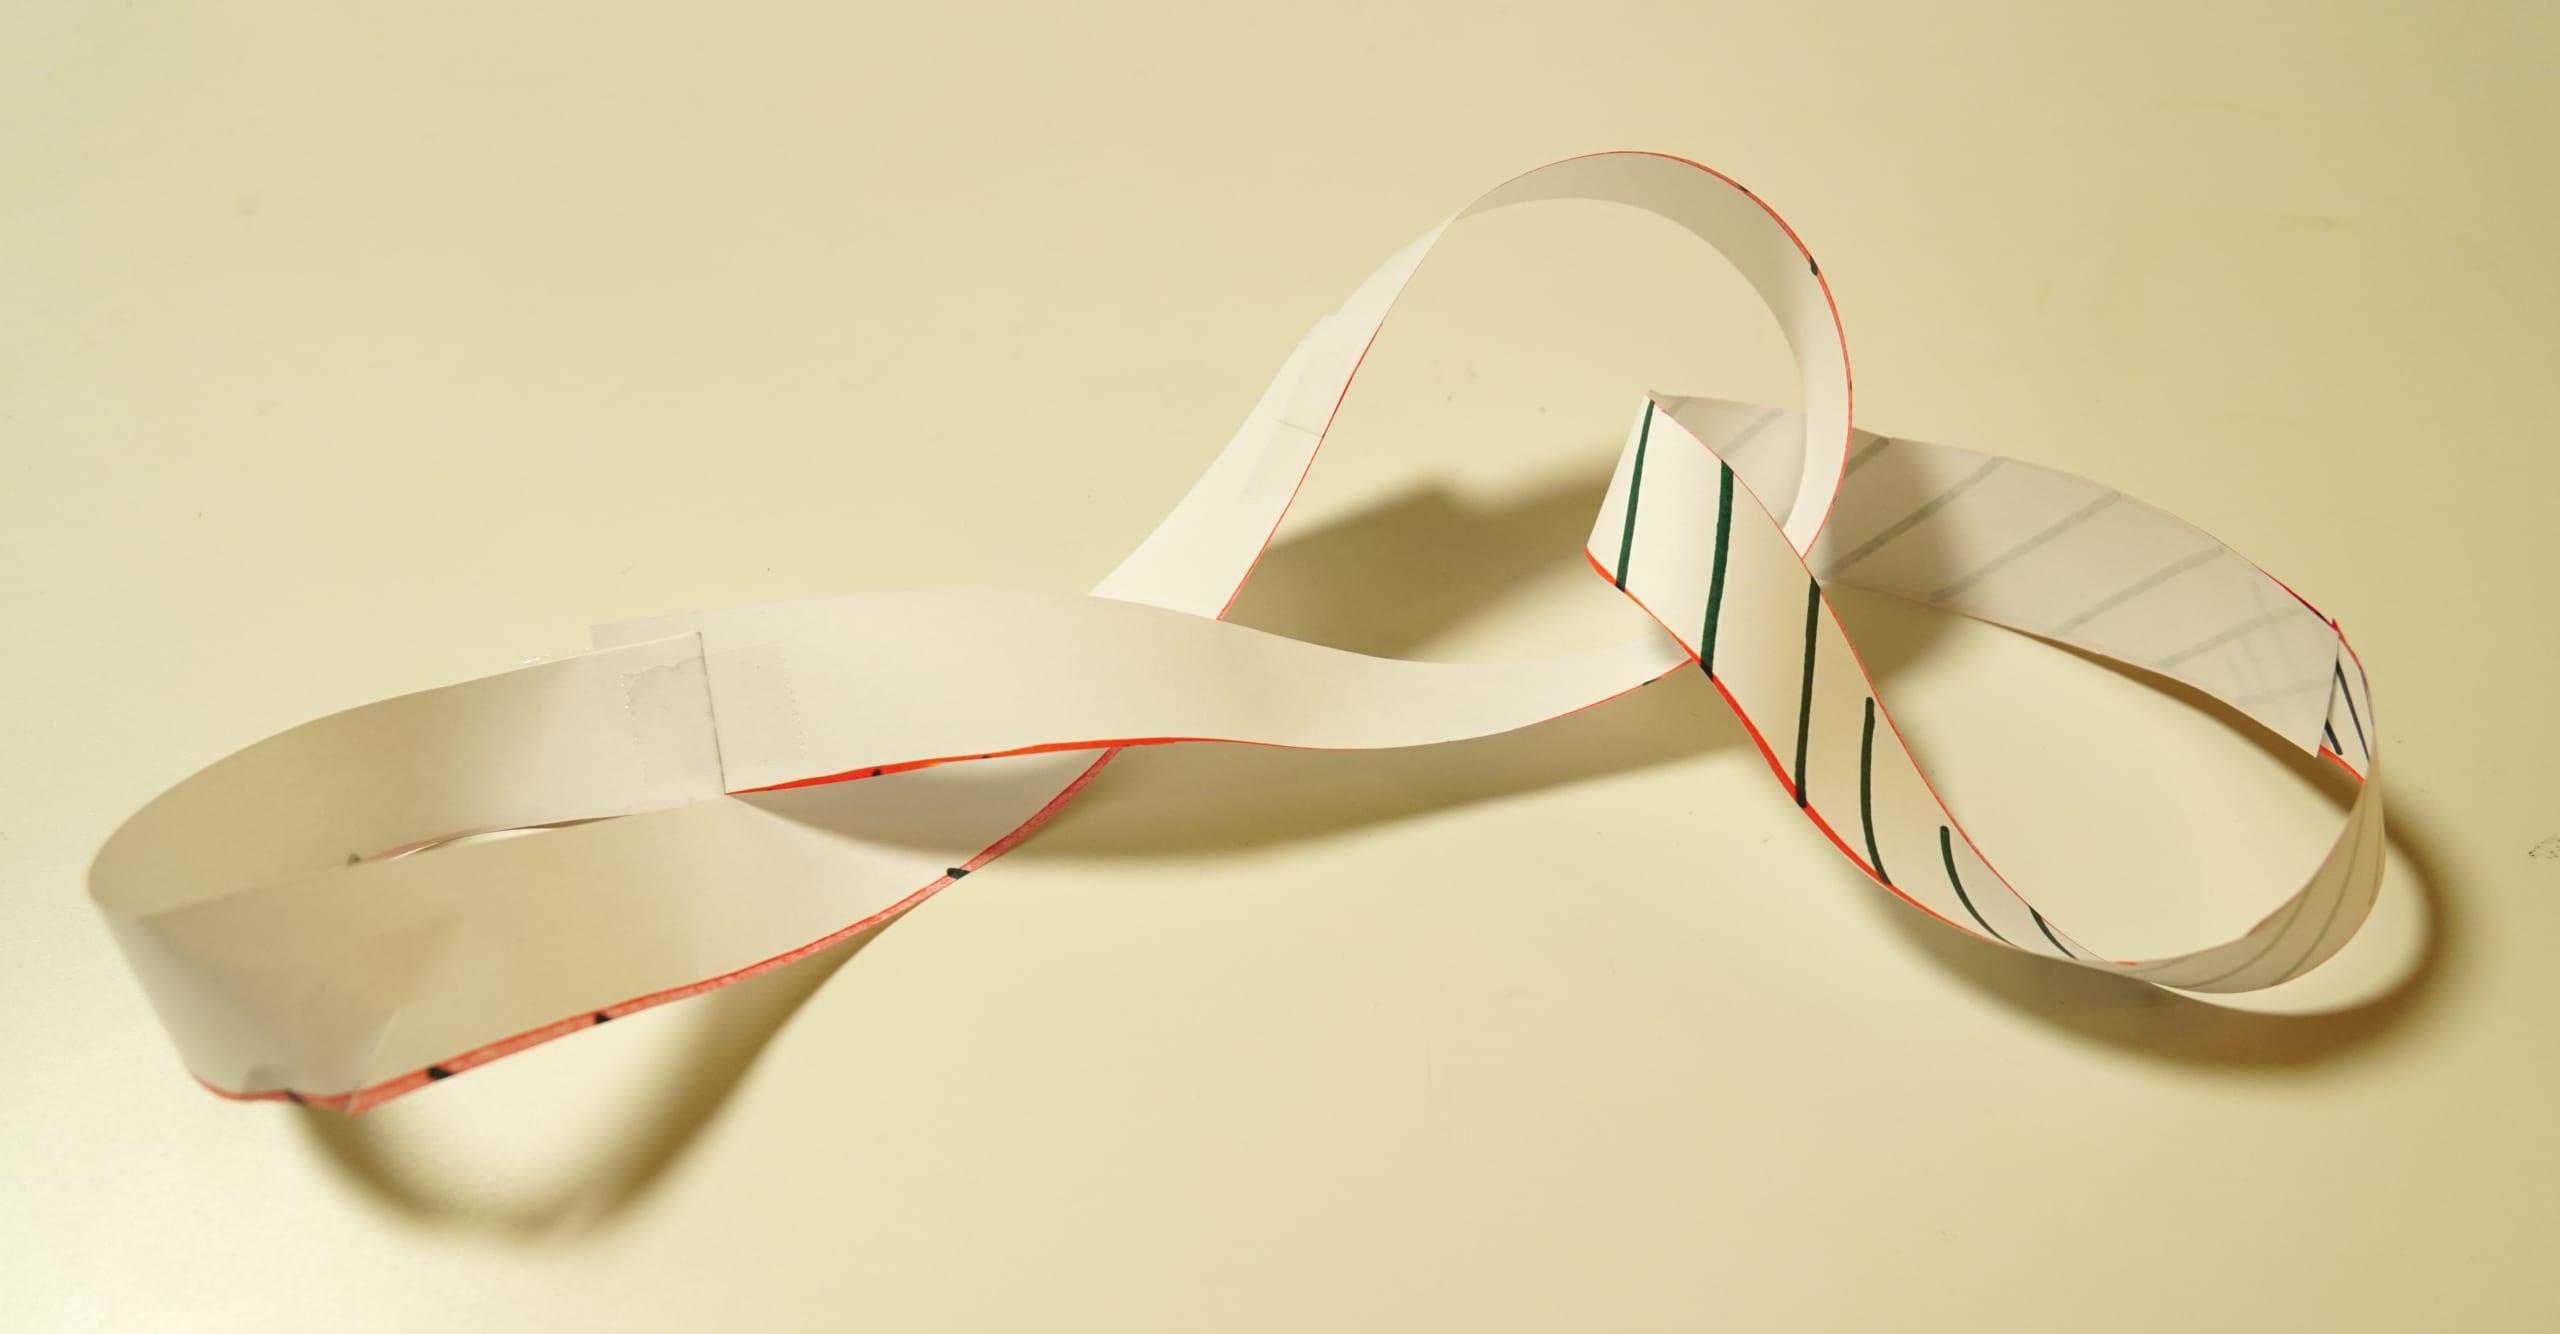 予想外。メビウスの輪に2本線を入れて切ったらどうなるの?実際にやってみた!の画像 12/12